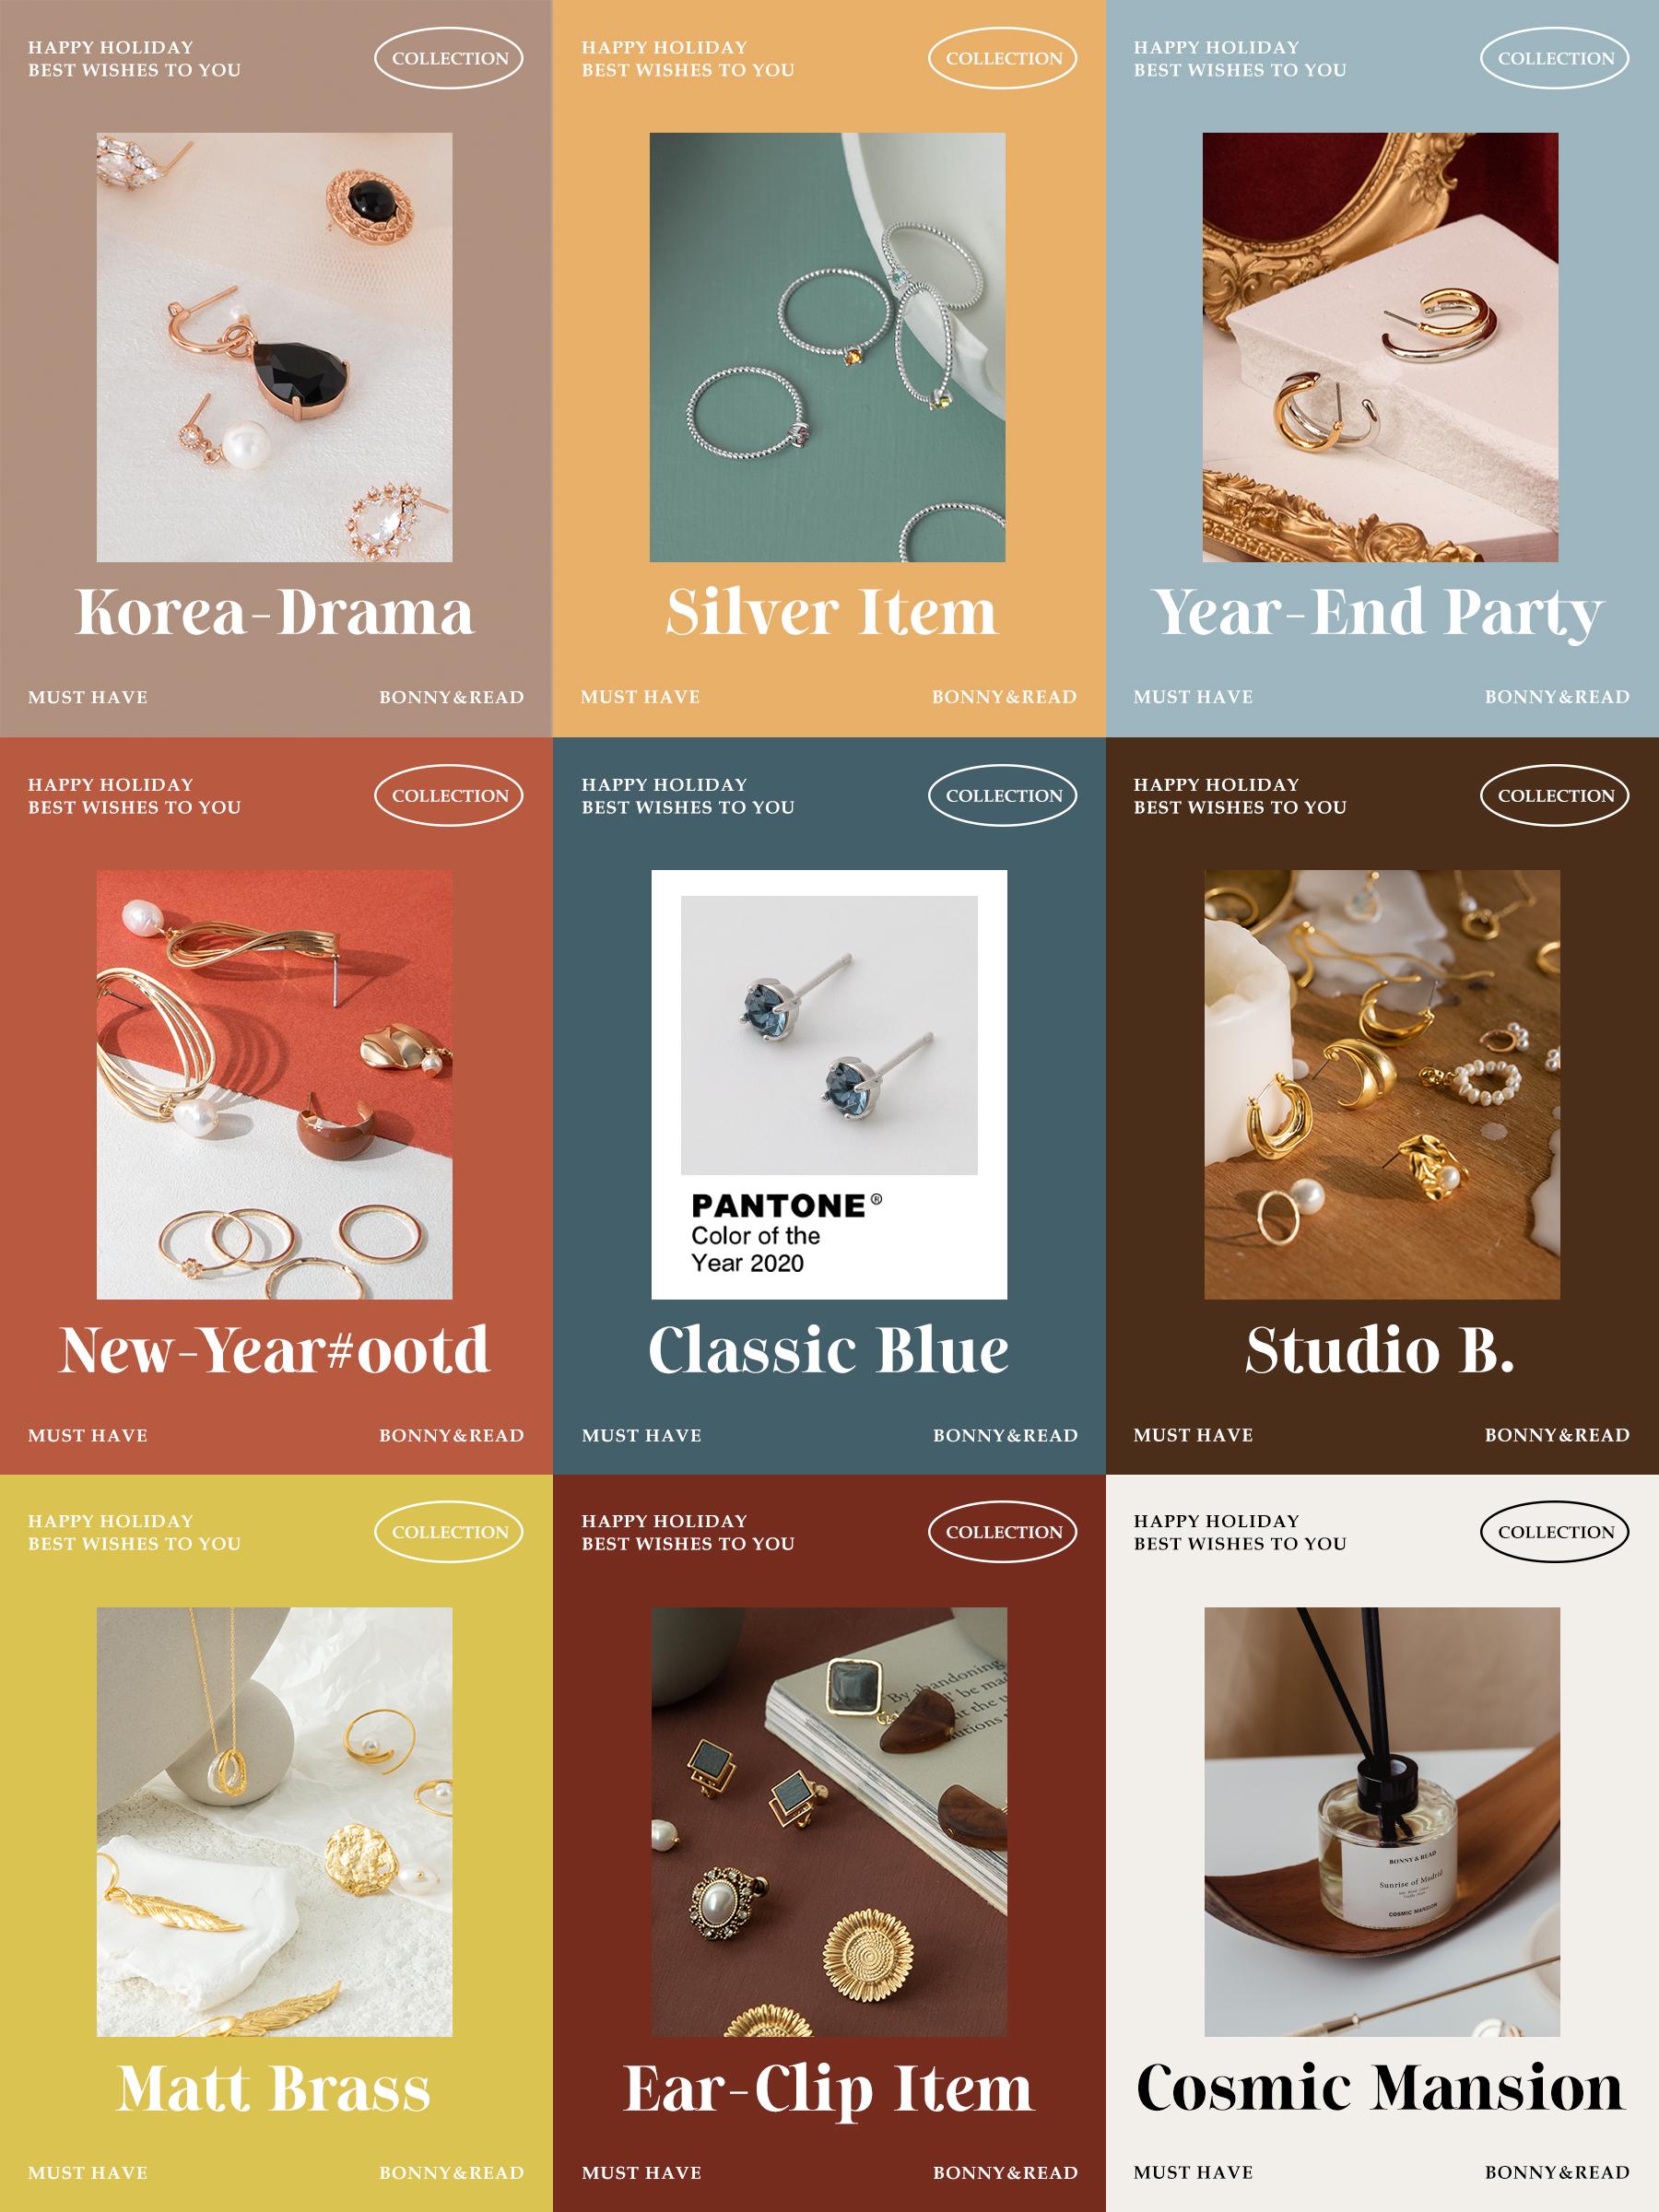 新年推薦清單『韓劇款』、『銀飾』、『新年穿搭』、『尾牙穿搭』、『經典藍』、『Studio.B輕奢系列』、『霧感純黃銅』、『耳夾系列』、『韓國香氛聯名COSMIC MANSION』